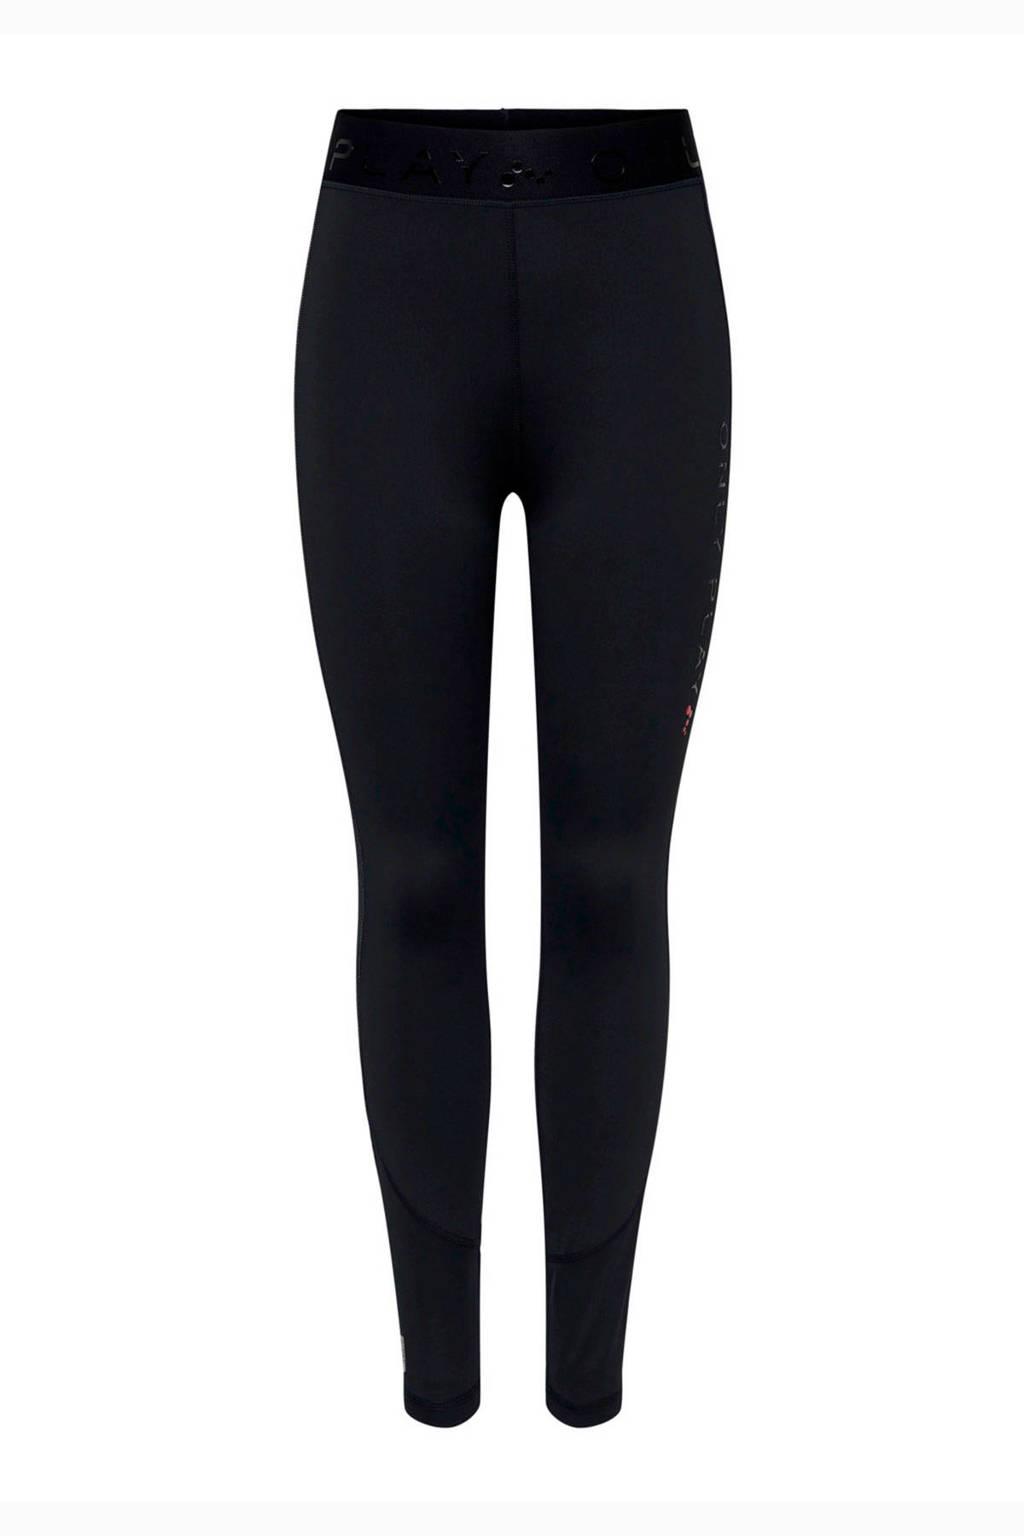 ONLY PLAY high waist sportbroek zwart, Zwart